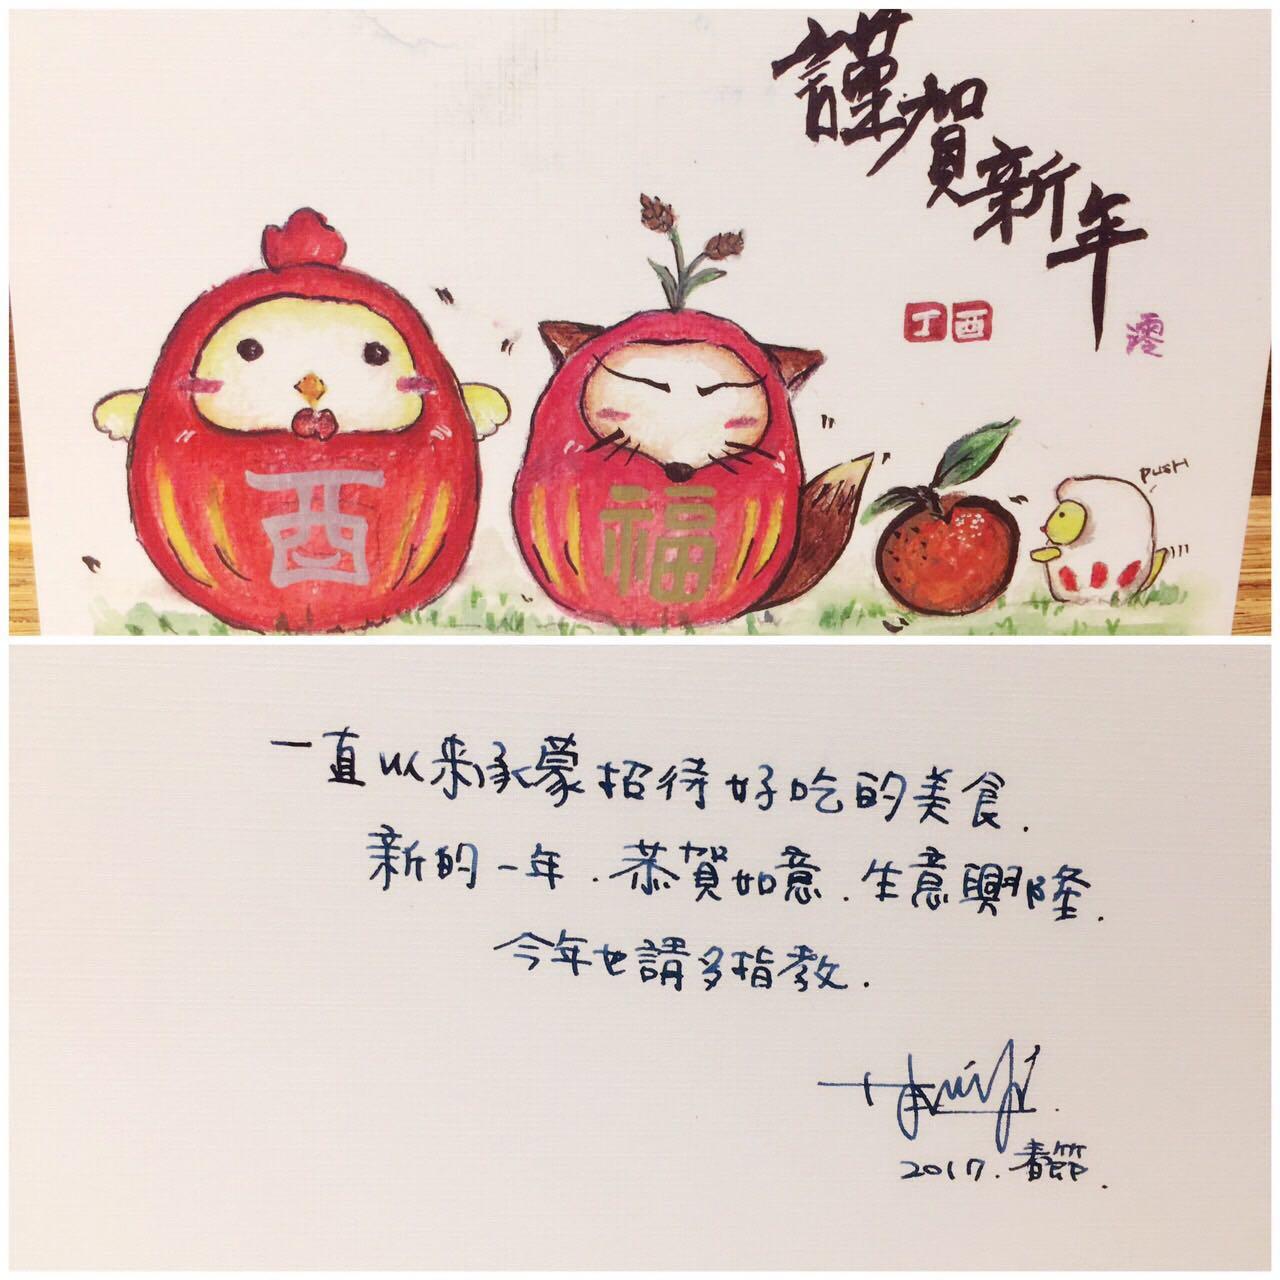 Moibon炭火串燒-新竹美食-新年快樂-賀卡